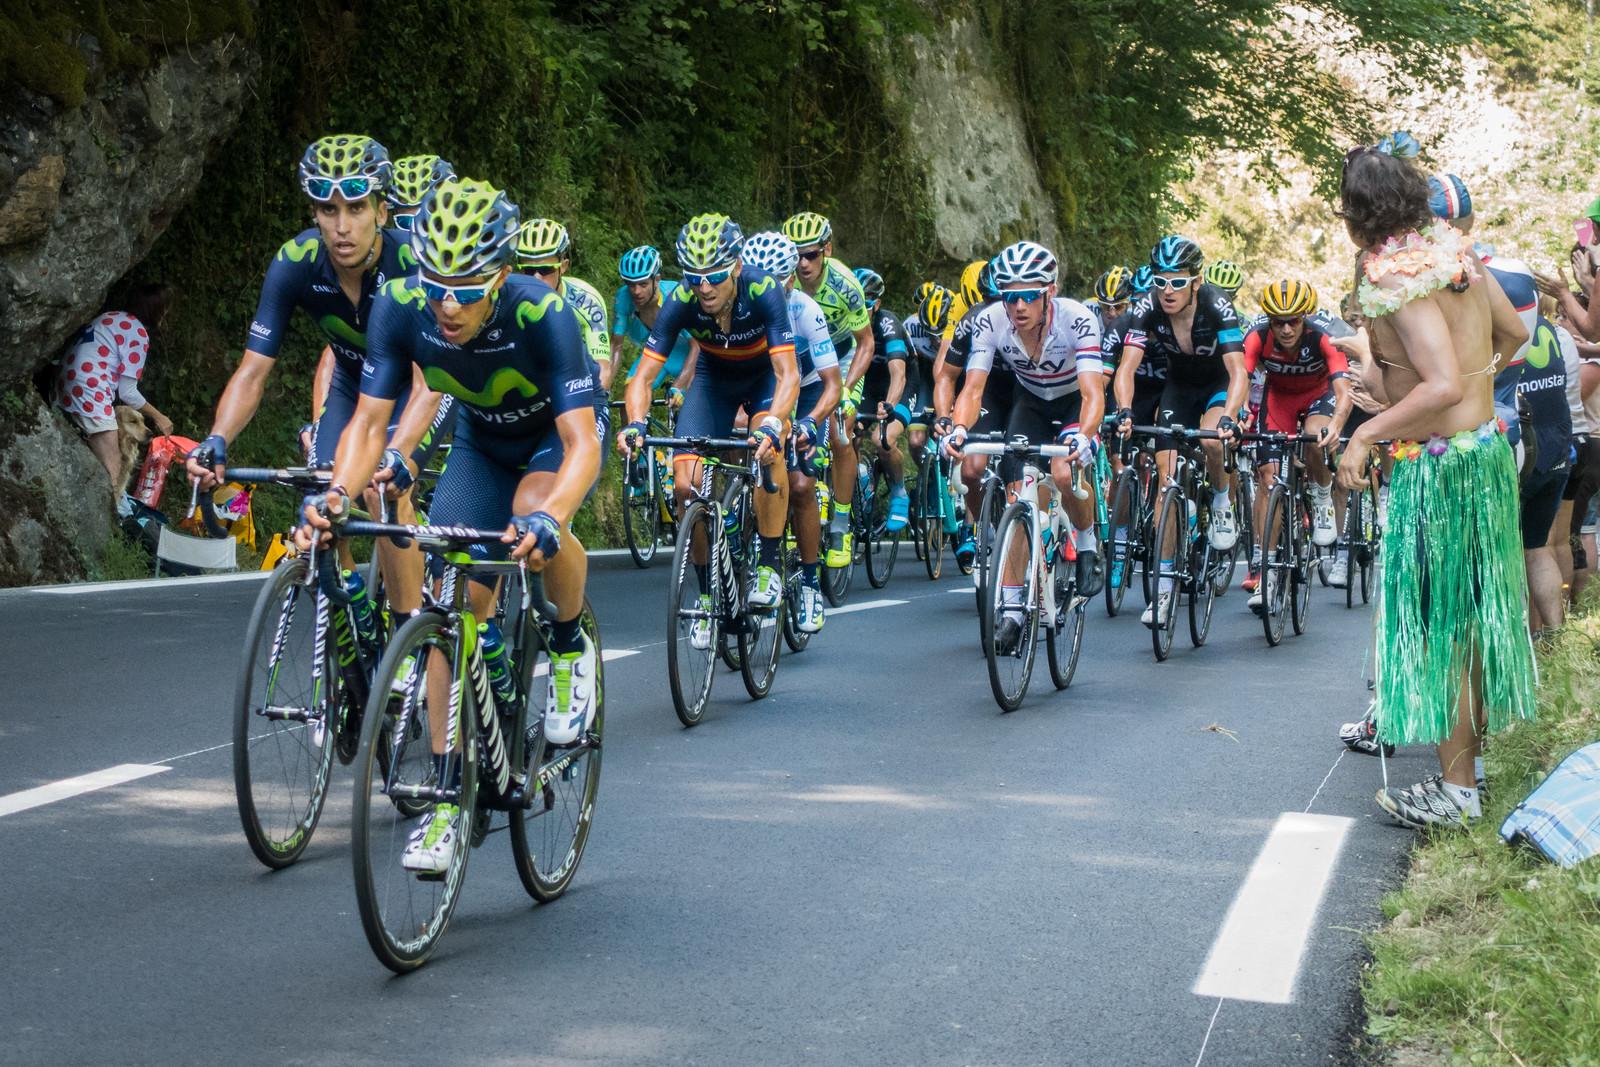 Tour de France 2015 - Stage 10-11